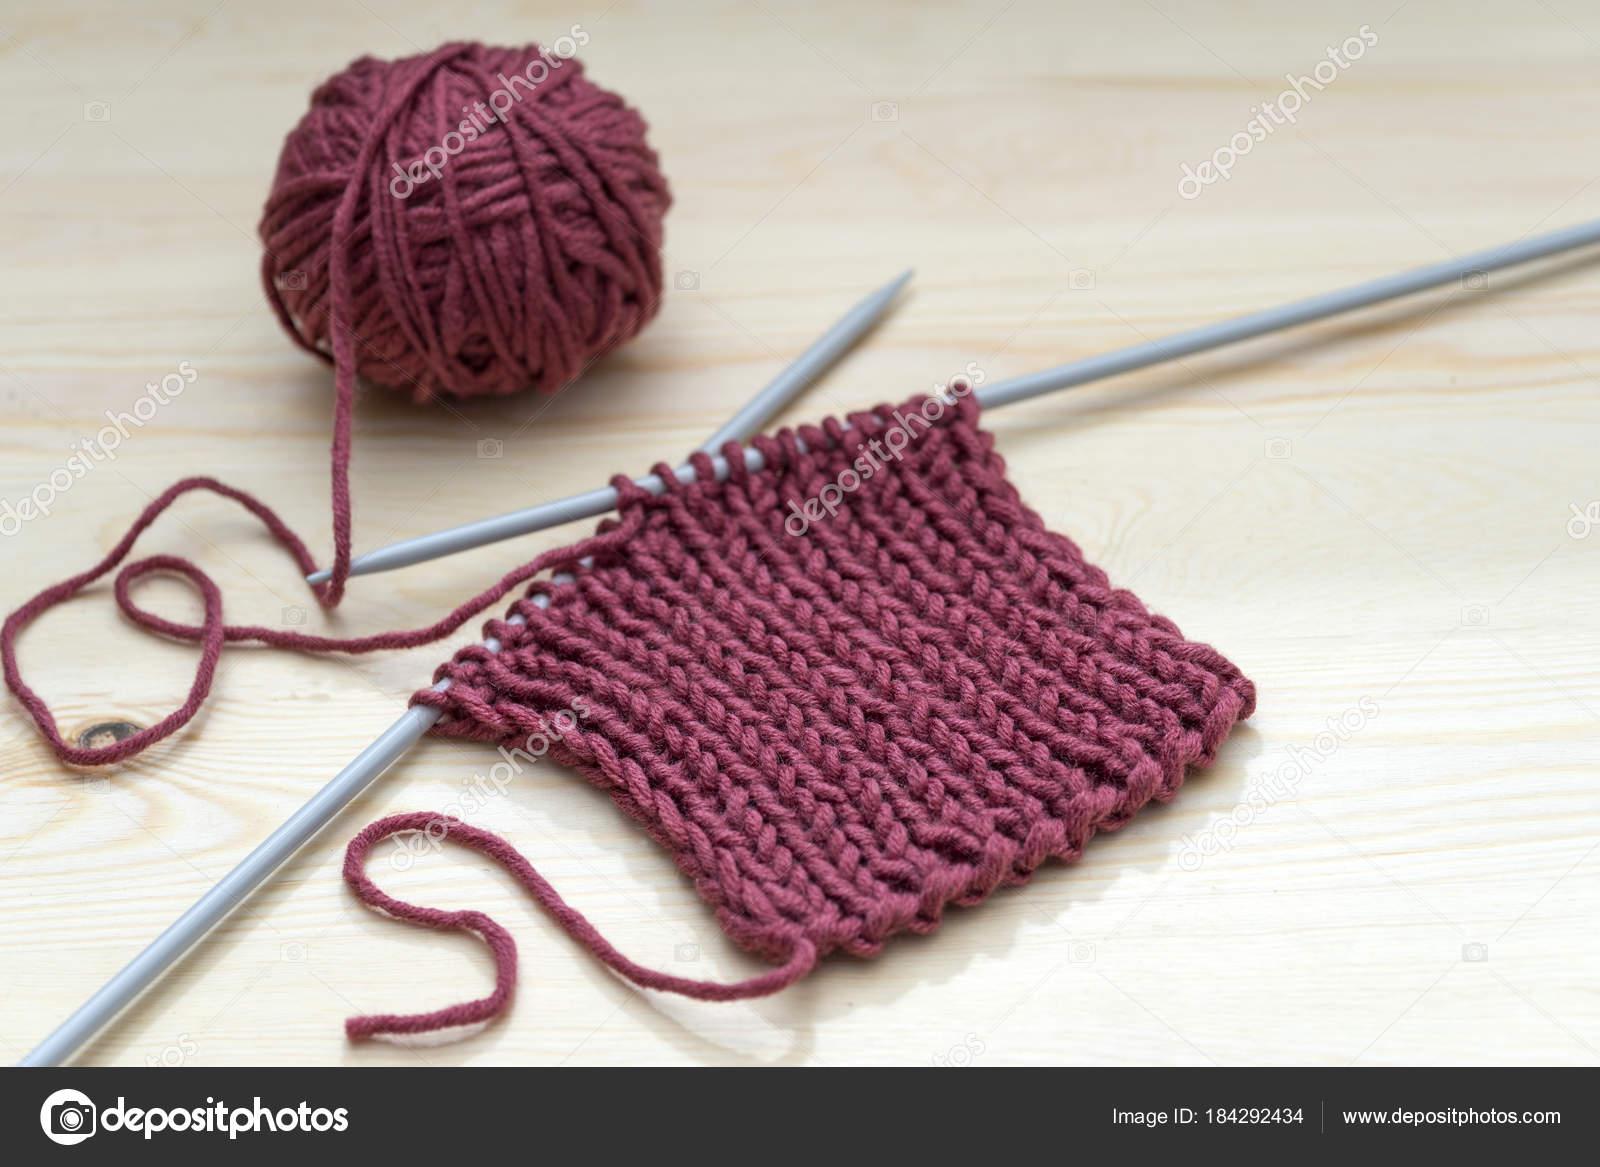 730b2ba923cb Tejido de punto, bolas de lana roja y agujas de tejer — Foto de ...